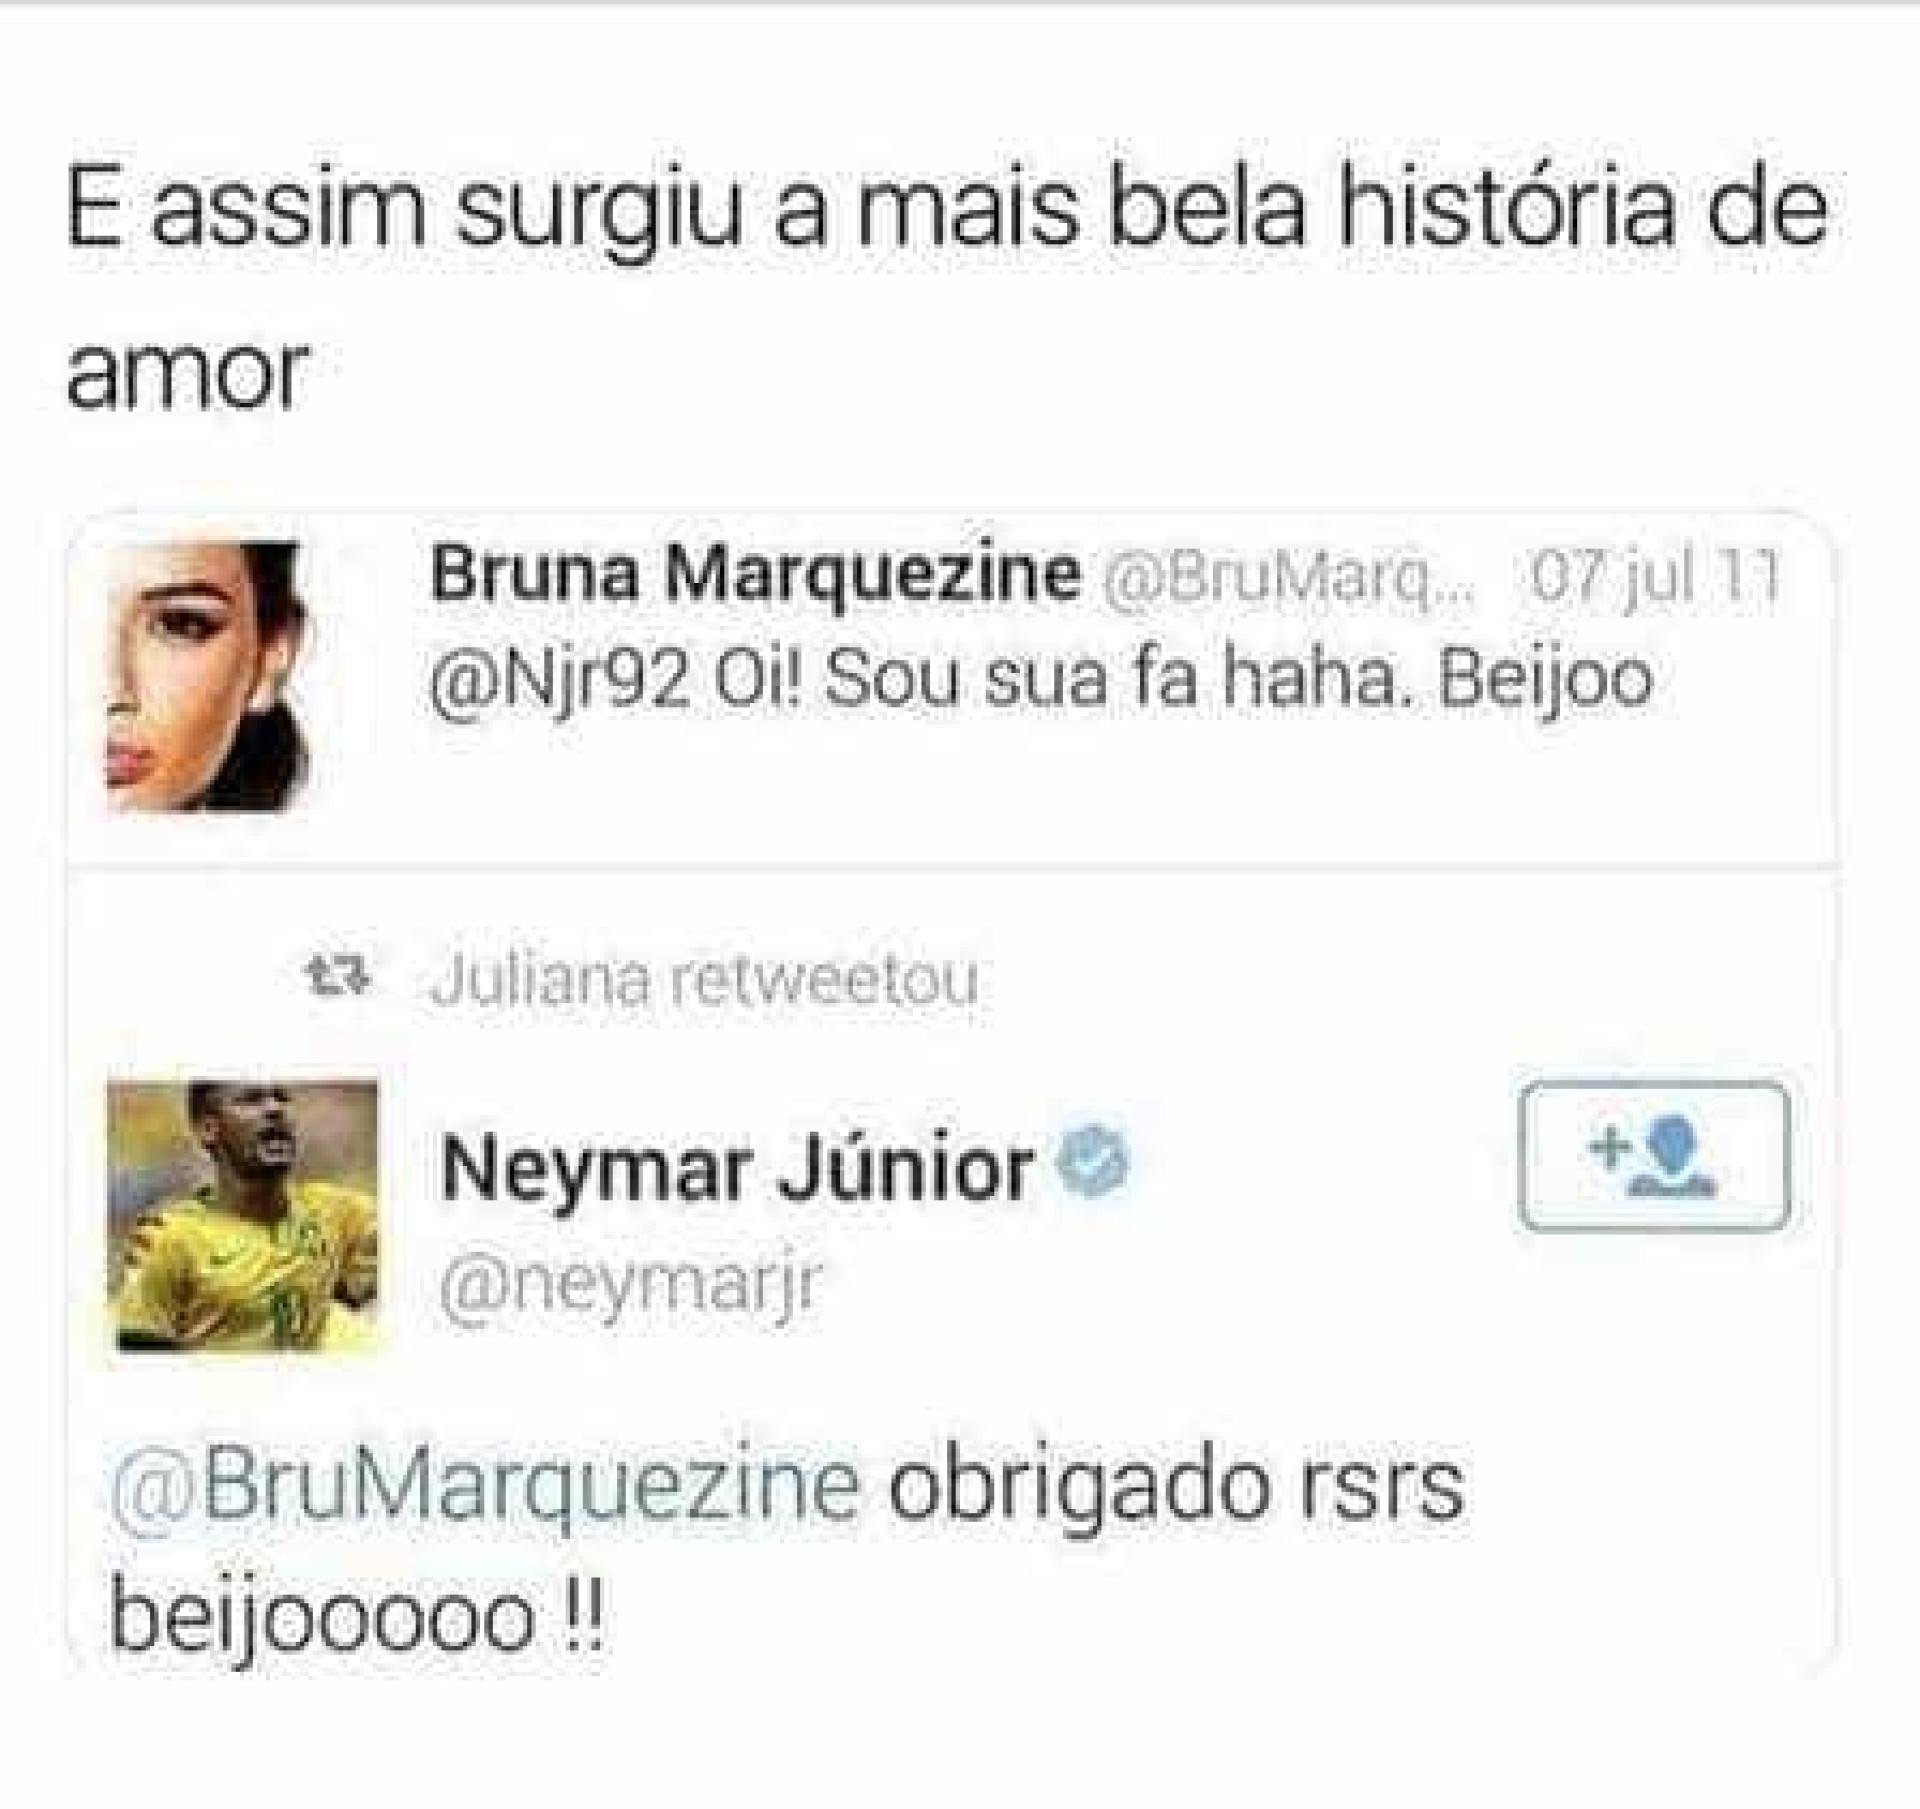 Fãs relembram 1ª mensagem de Marquezine para Neymar: 'Sou sua fã'